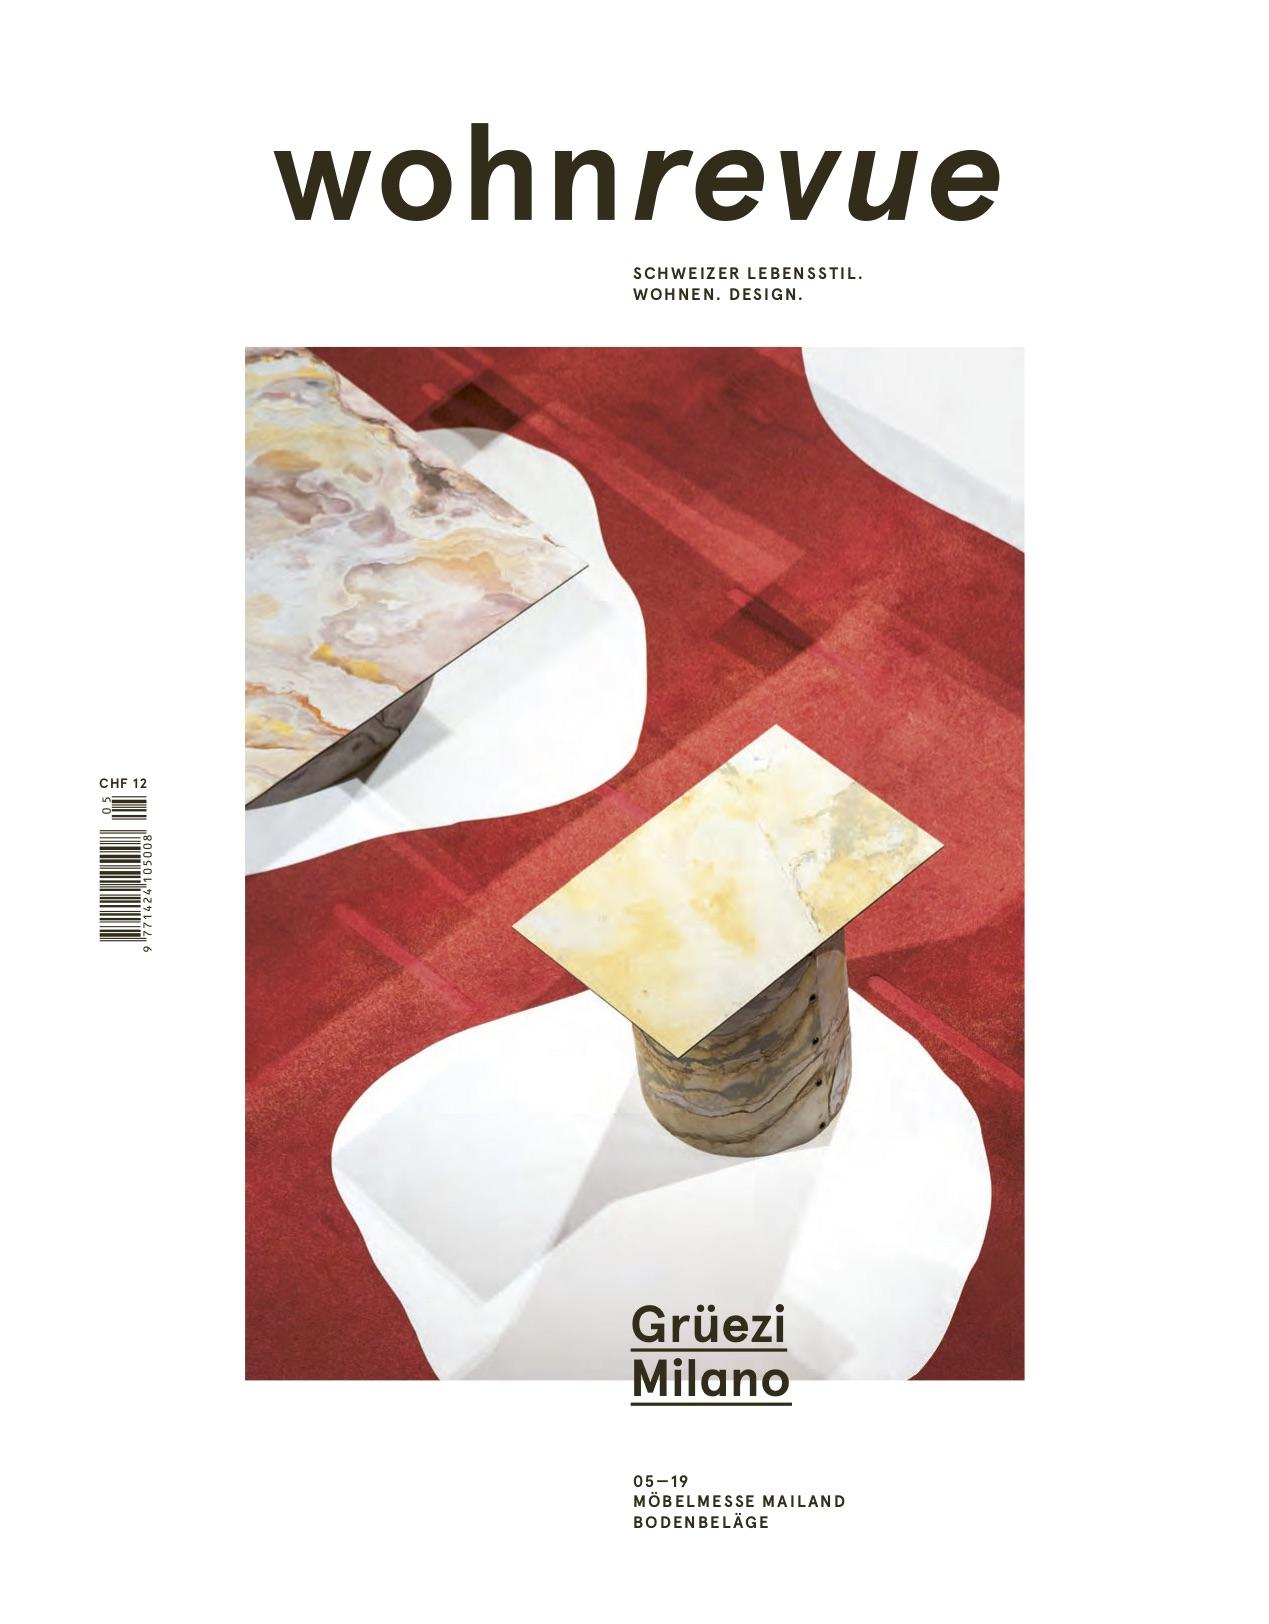 Wohnrevue: Offen, clever, farbig